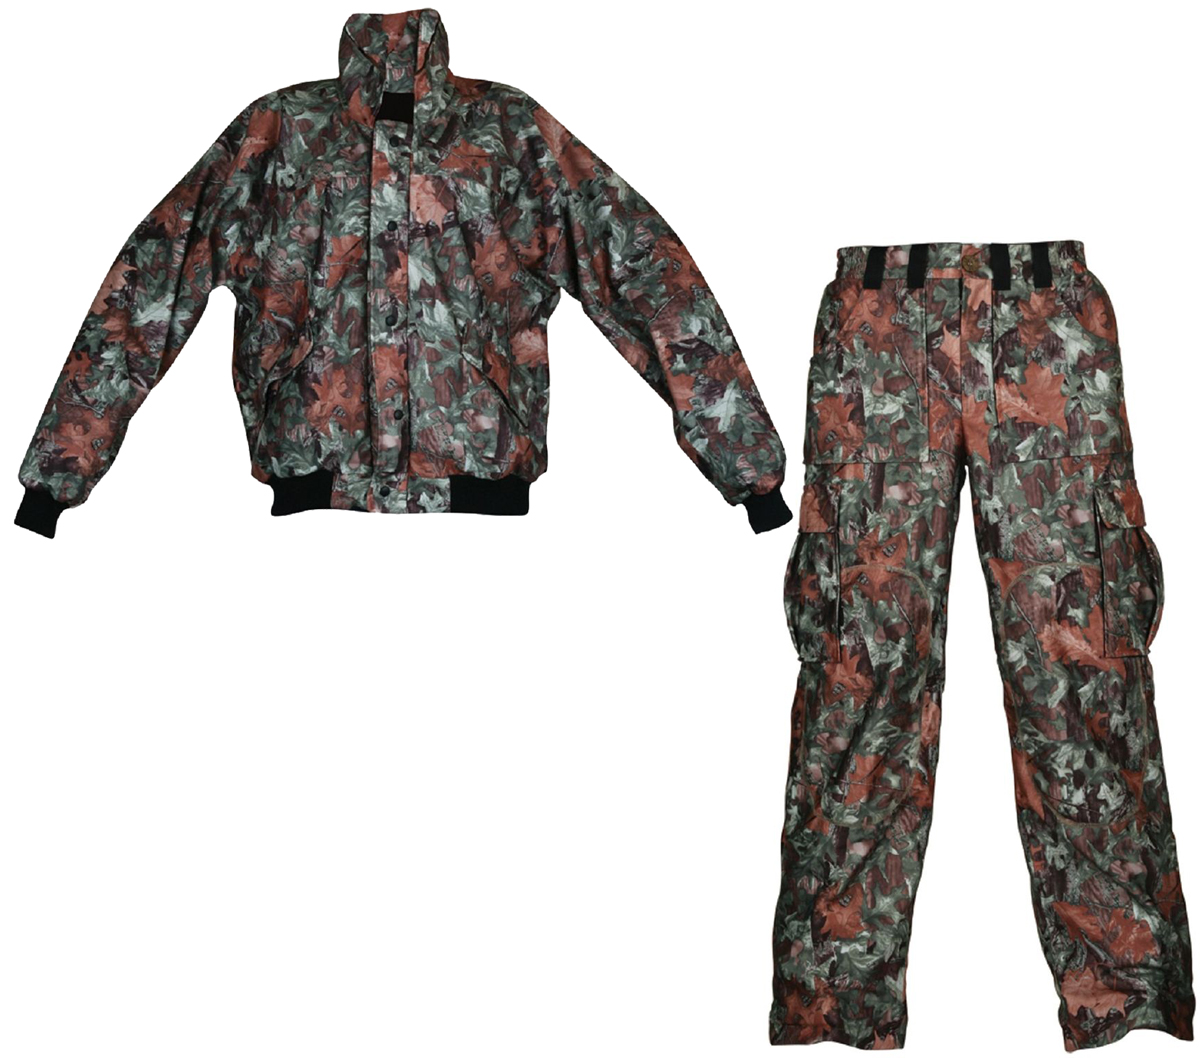 Костюм охотничий летний Arctix: куртка, брюки, цвет: камуфляж. 808-00302. Размер L (52)808Куртка изготовлена из легкого дышащего и в то же время непромокаемого материала. Бесшумная поверхность и магнитные замки на карманах позволяют быть незамеченными в условиях дикой природы. Рукава с трикотажными манжетами и поясом. Брюки изготовлены из легкого дышащего и в то же время непромокаемого материала. Эластичный пояс и широкие шлевки для ремня. Контактные зоны усилены накладками. Застежки-молнии снизу штанов позволяют быстро надеть одежду, не снимая обуви, и с регулируемой манжетой. Идеальная одежда для охоты.